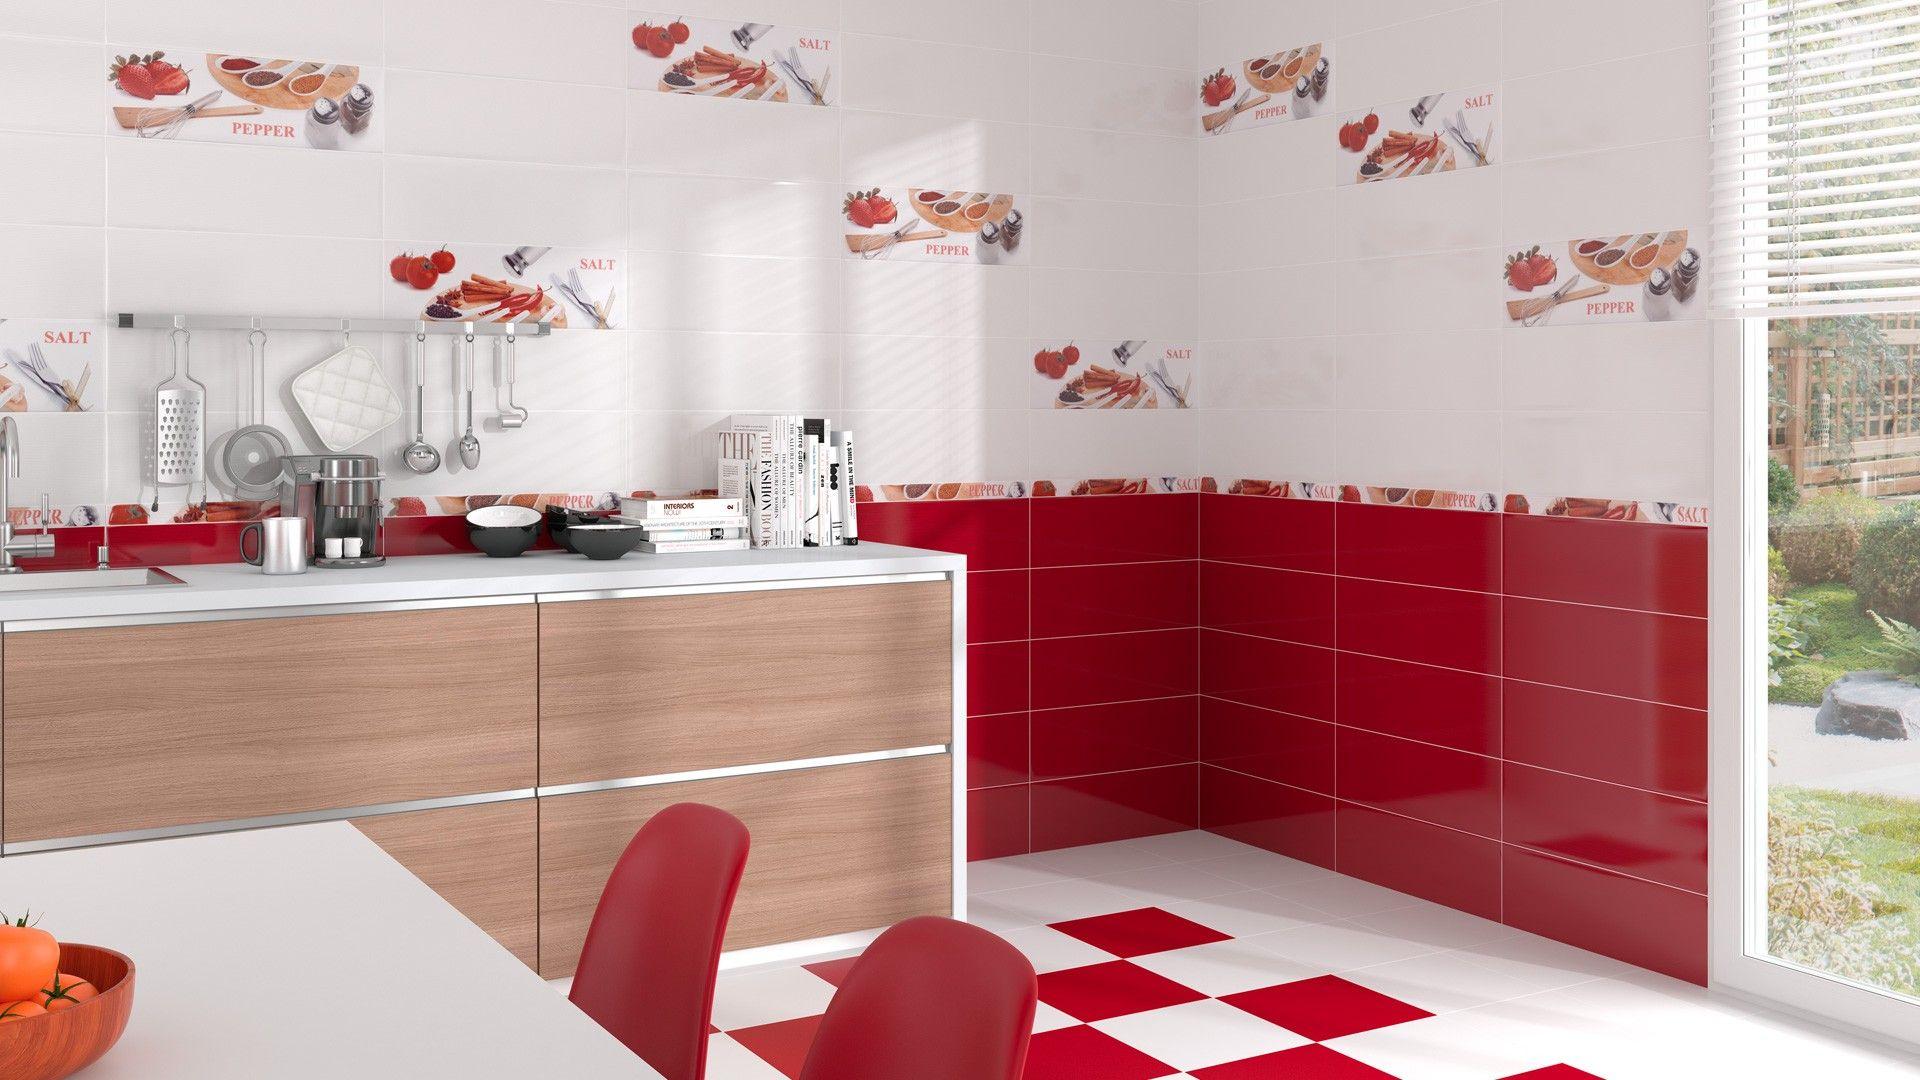 Dise o cer mico de cocinas modernas cocina pinterest - Diseno de cocinas modernas ...